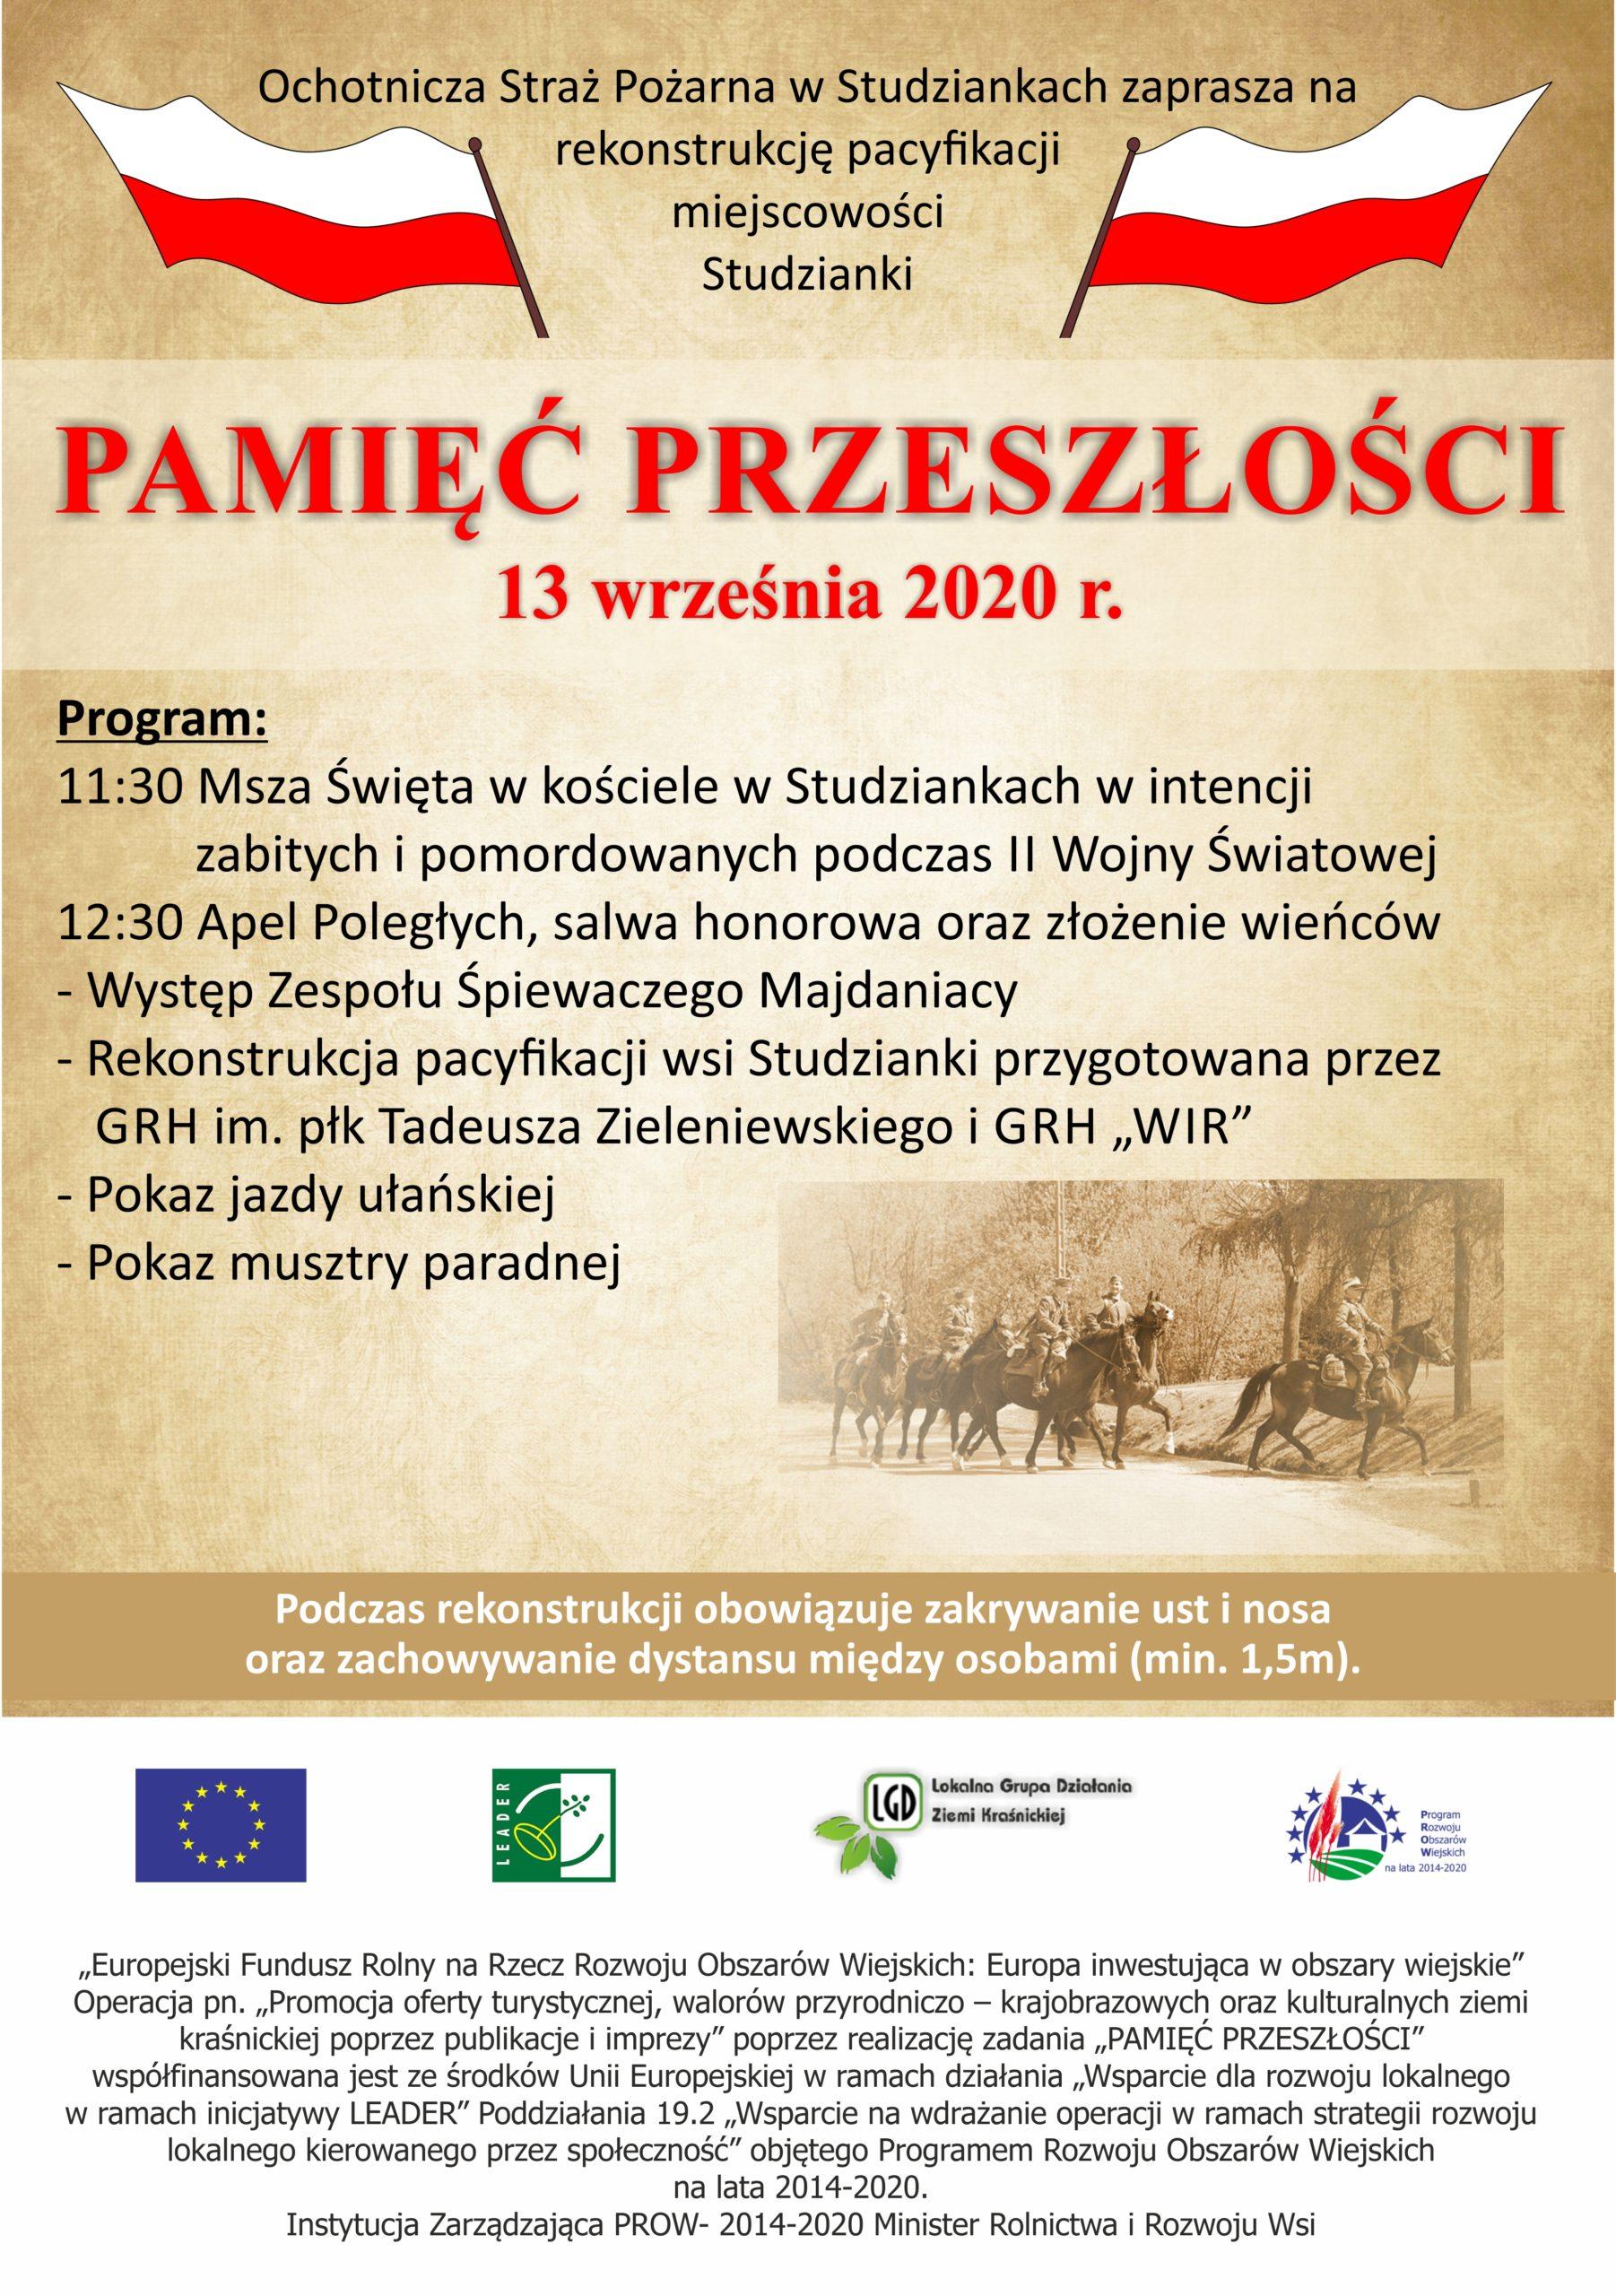 Rekonstrukcja pacyfikacji miejscowości Studzianki